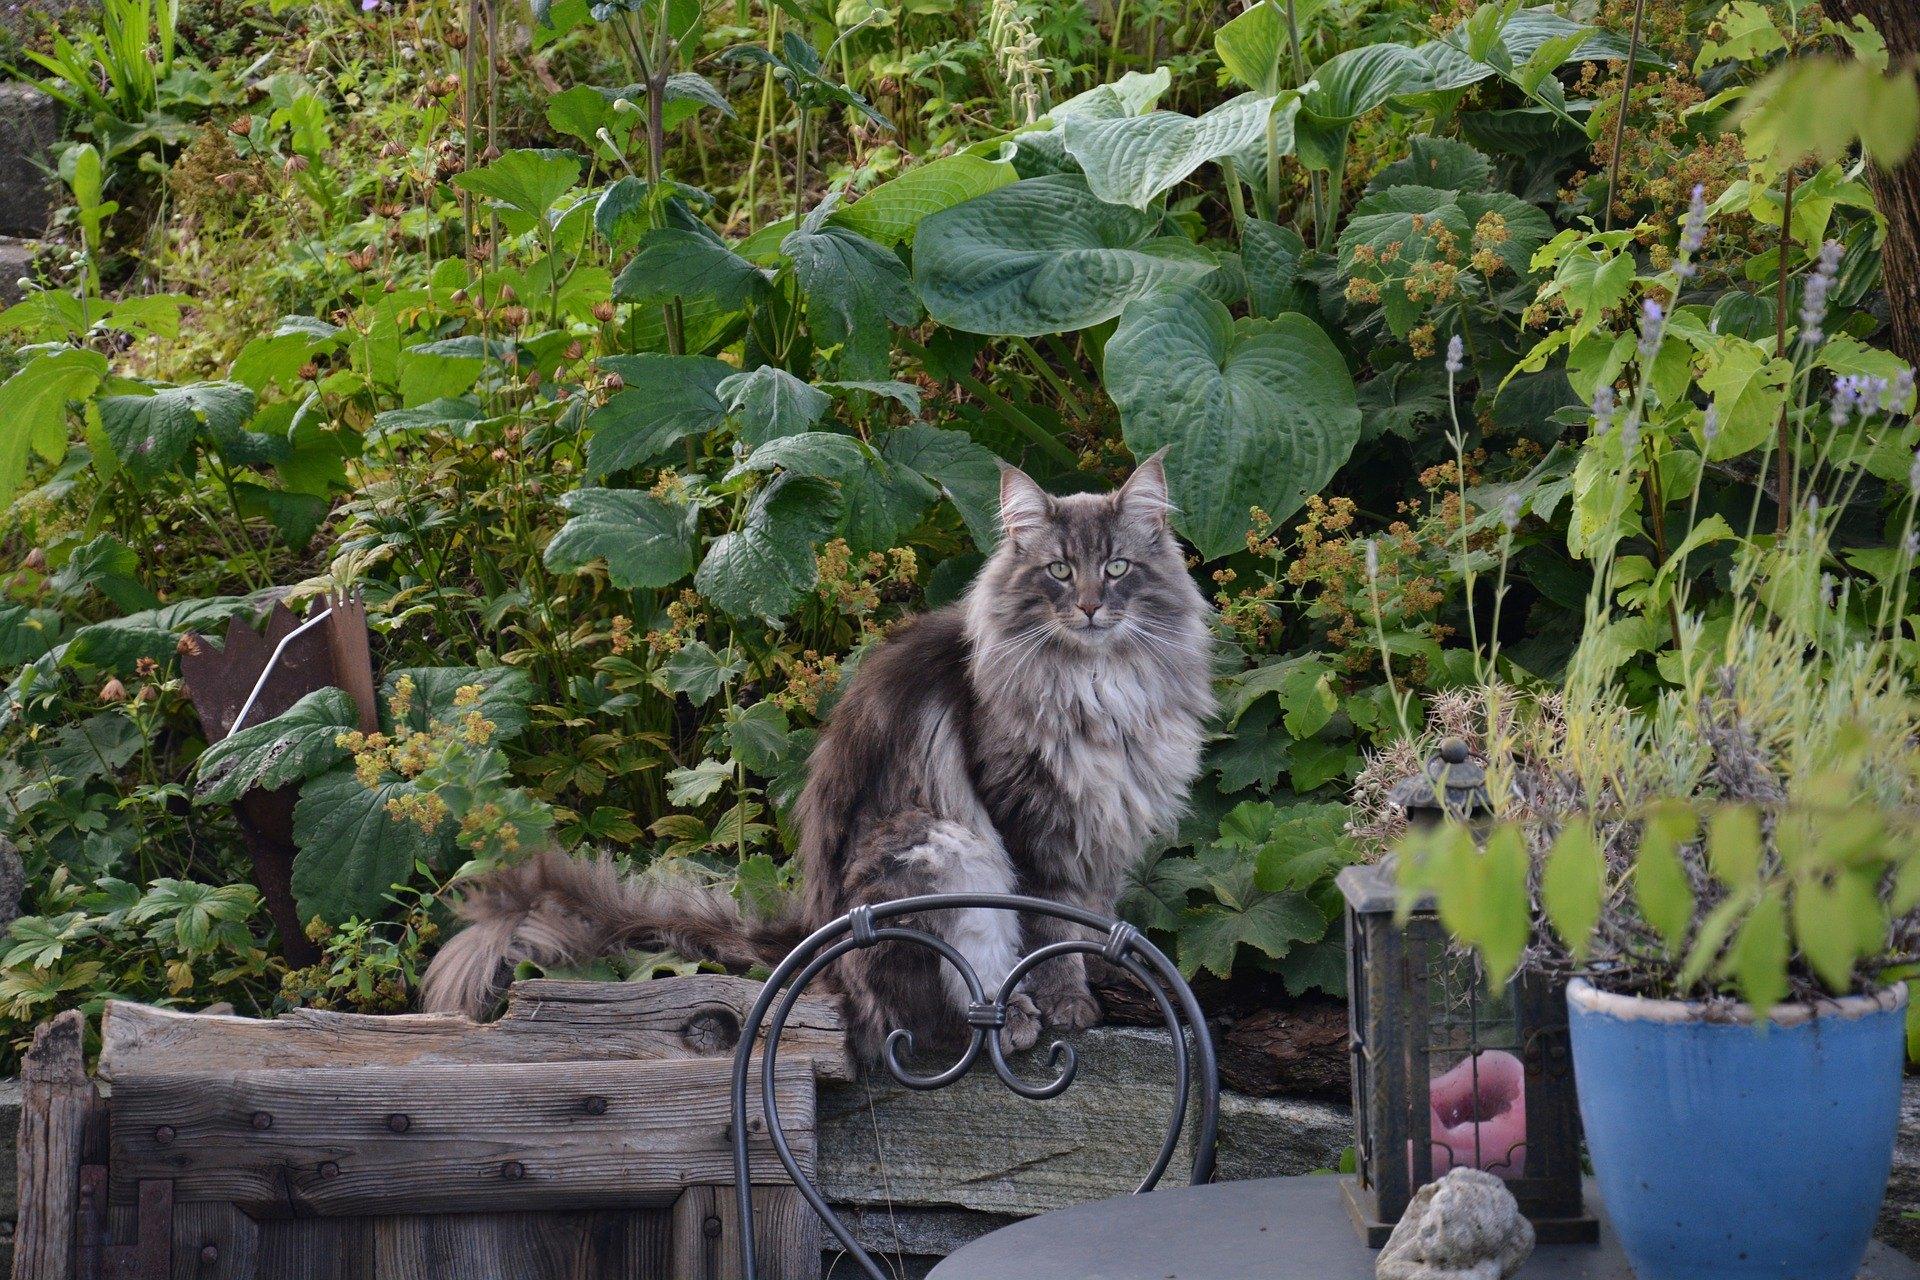 Nórska lesná mačka je zviera atraktívneho vzhľadu, vynikajúcej pohyblivosti a skvelého prispôsobenia sa meniacim podmienkam.